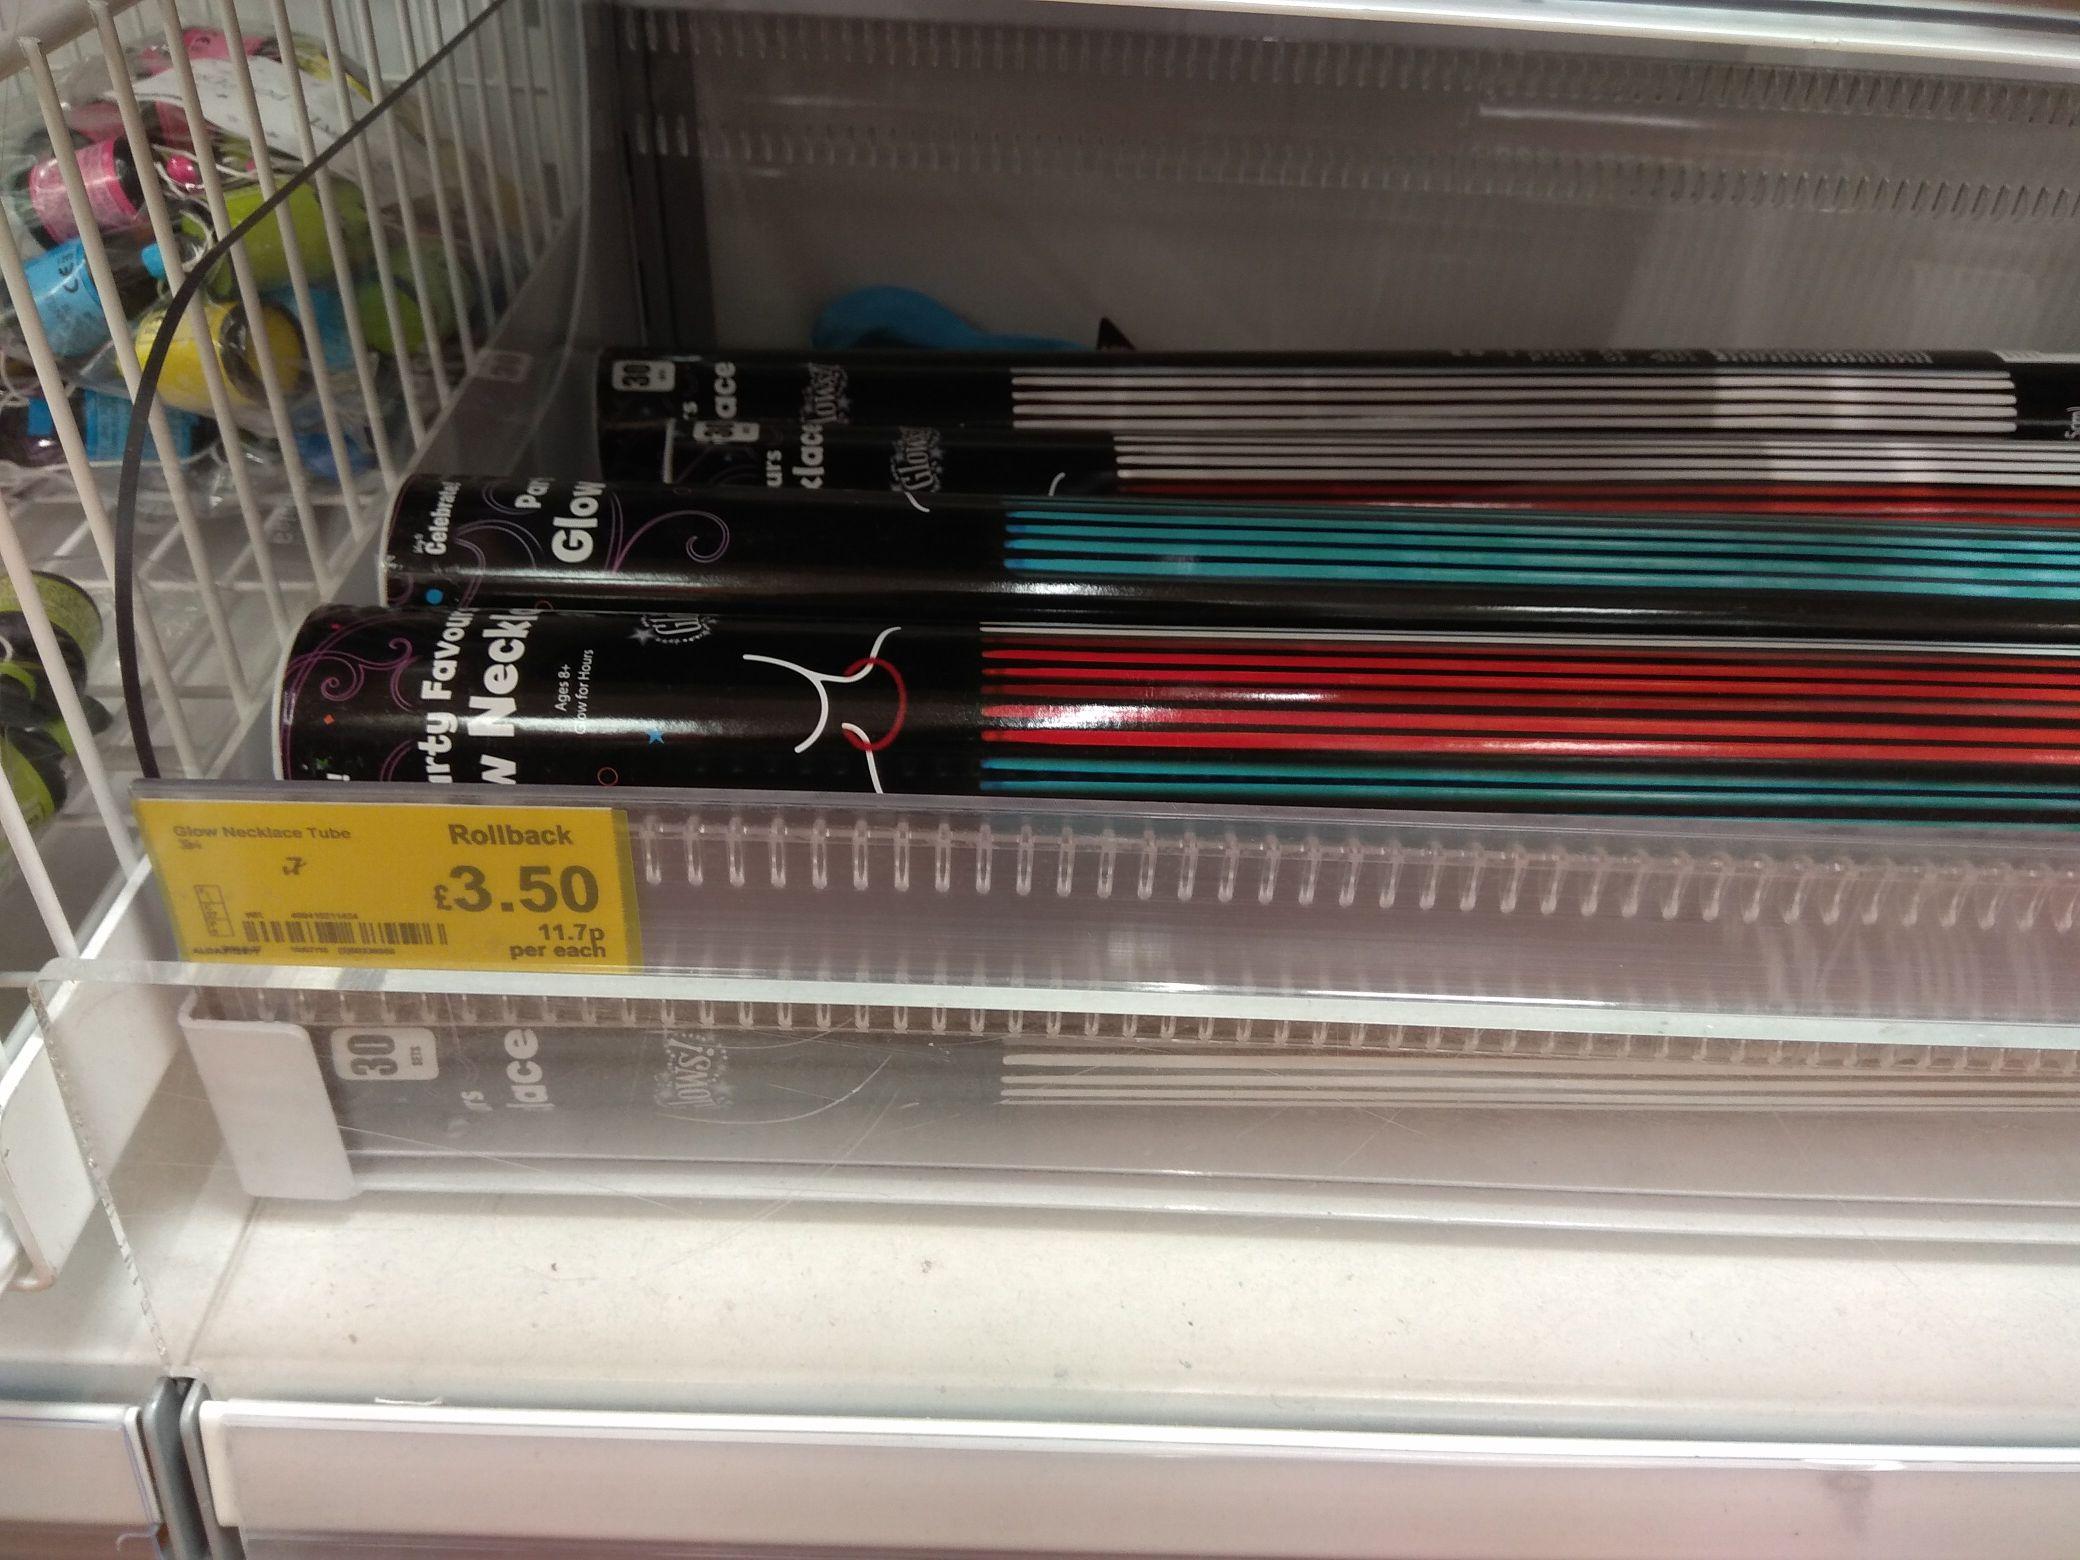 30 x Party Favours Glow Necklaces light sticks Large 55cm - £3.50 @ Asda Living